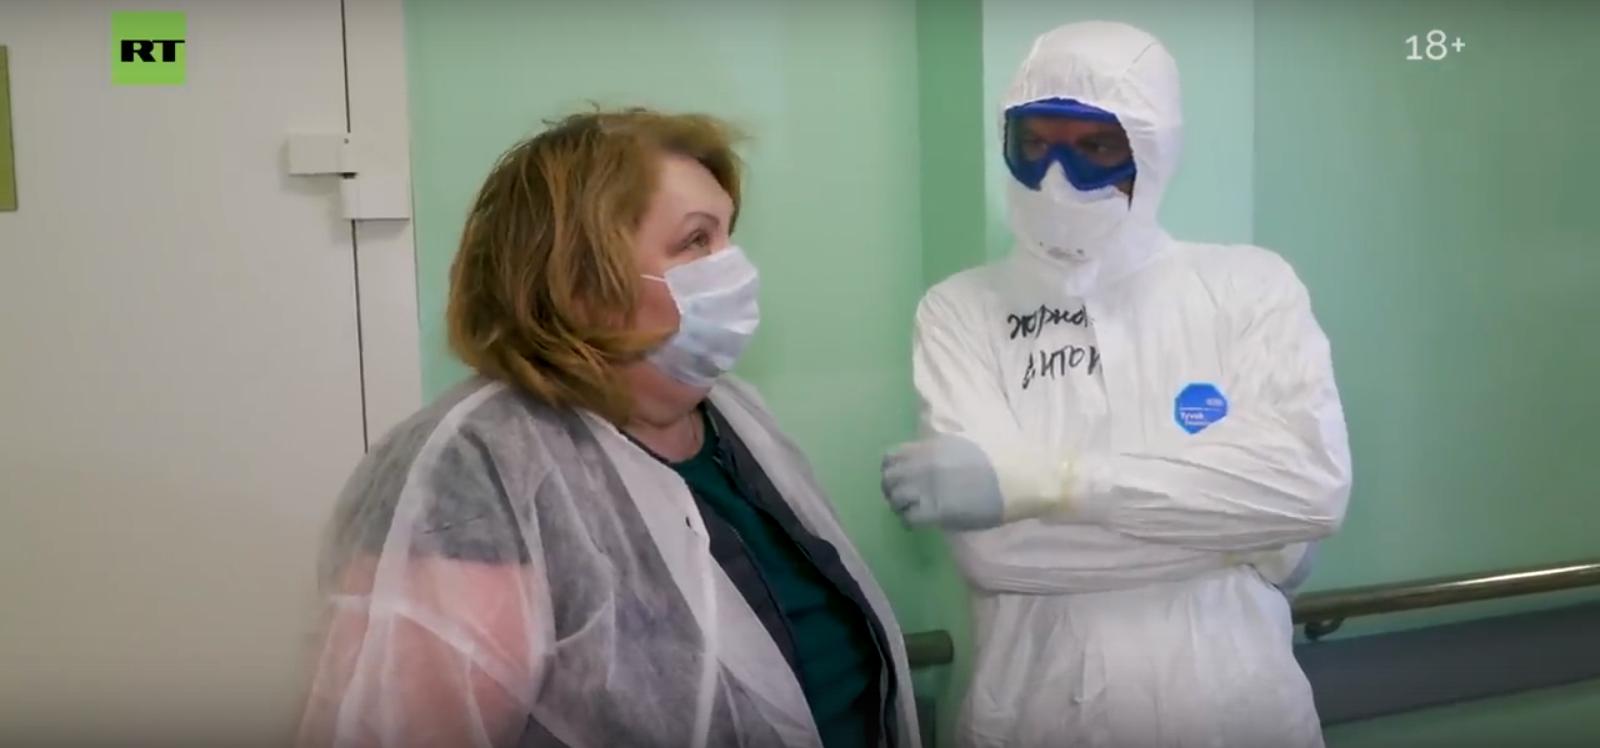 Депутат Госдумы Светлана Максимова рассказала, как тверские врачи боролись за ее жизнь